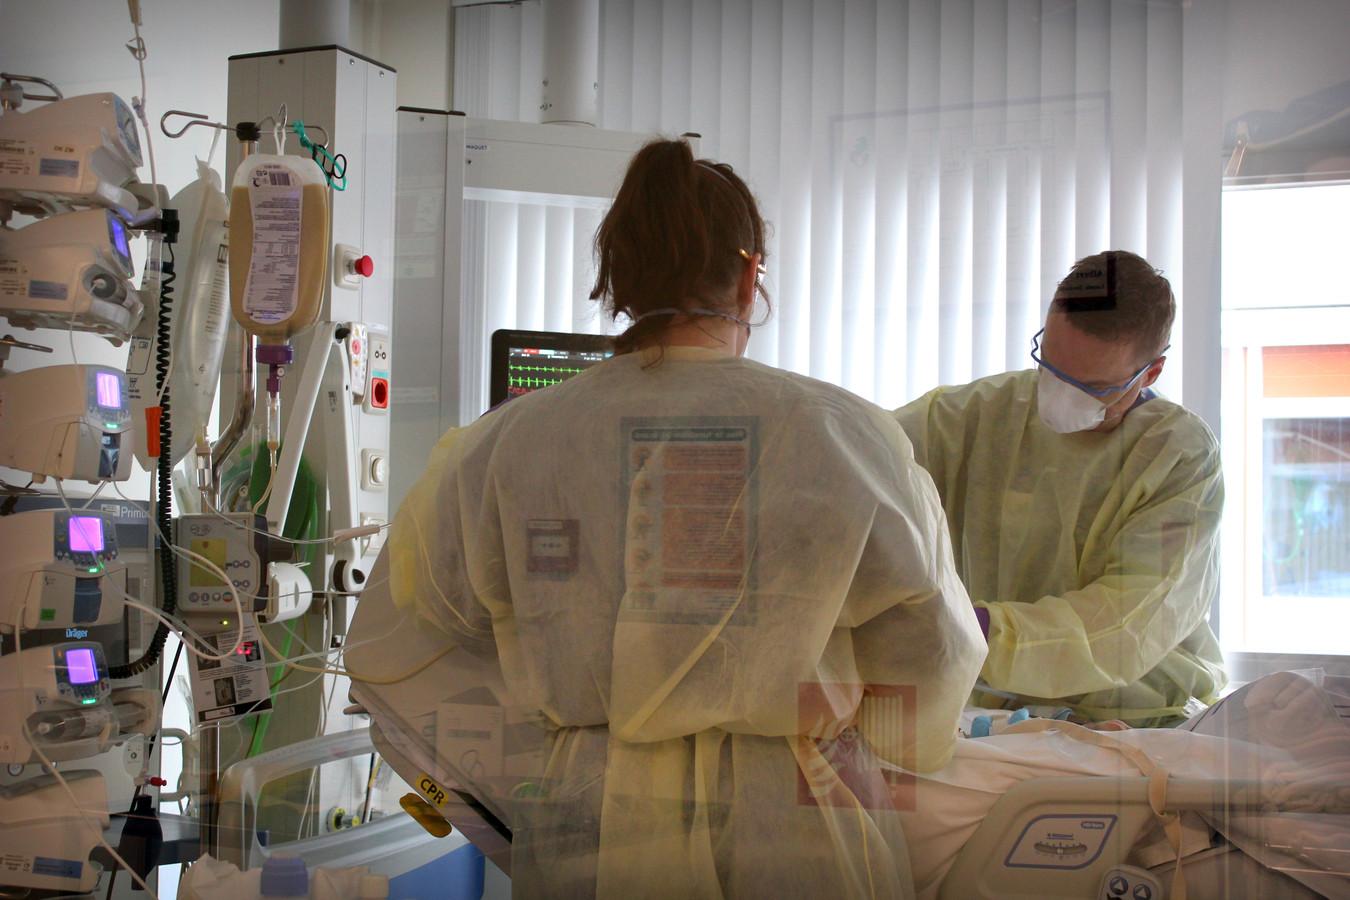 Twee verpleegkundigen in een ic-kamer. De kamers zijn afgesloten; daarom is de foto vanaf de gang en door het glas gemaakt.